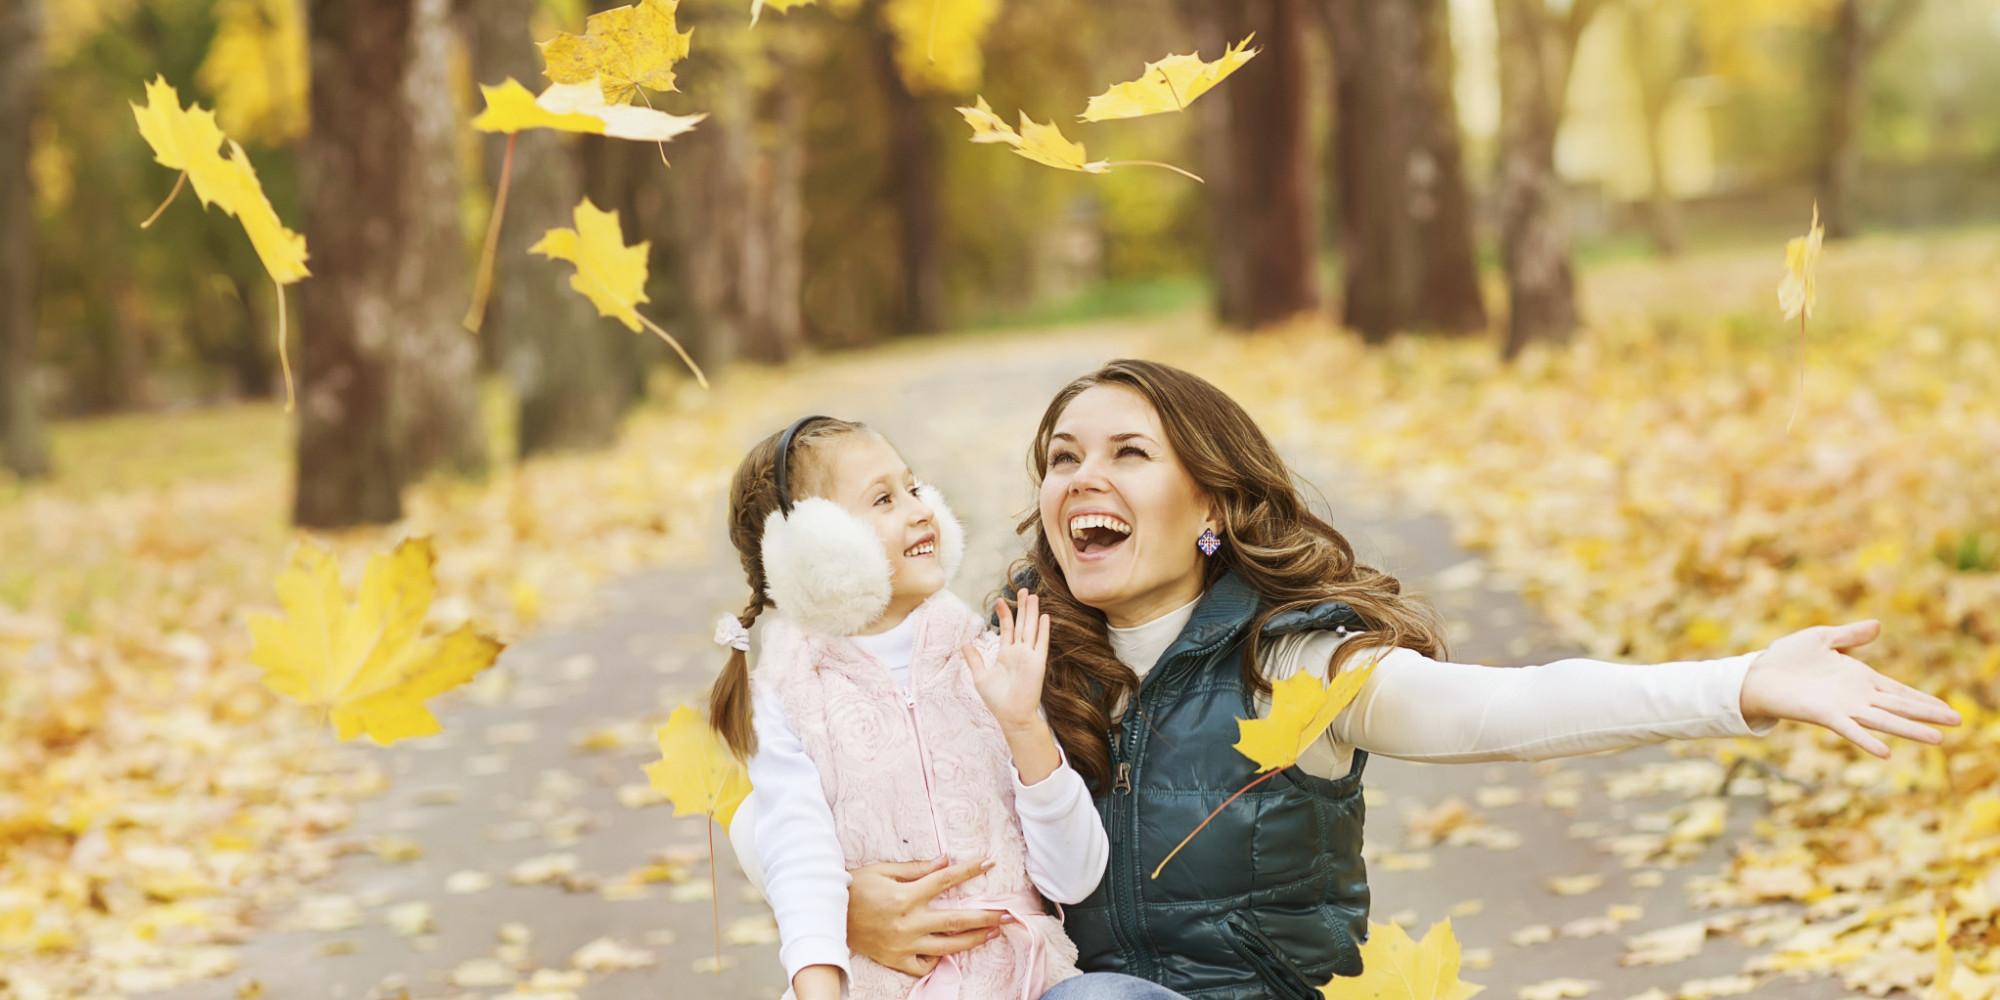 Развлечении матери с дочерью 7 фотография